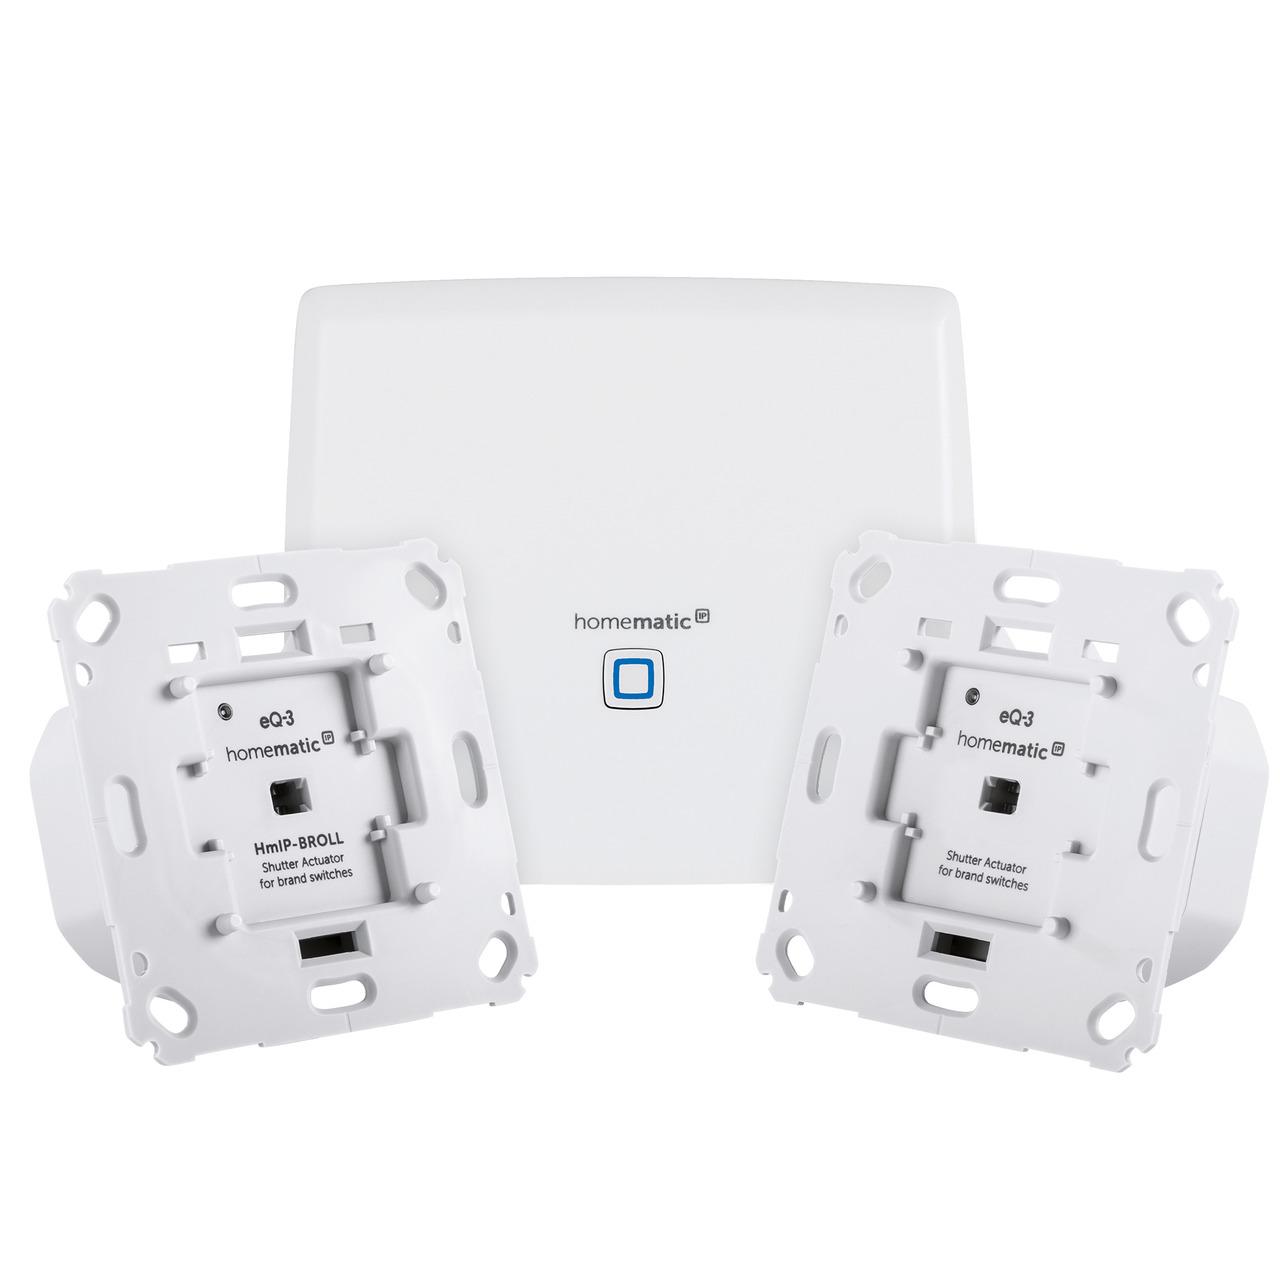 Homematic IP Starter Set mit Smart Home Zentrale CCU3 und 2x Rollladenaktoren für Markenschalter